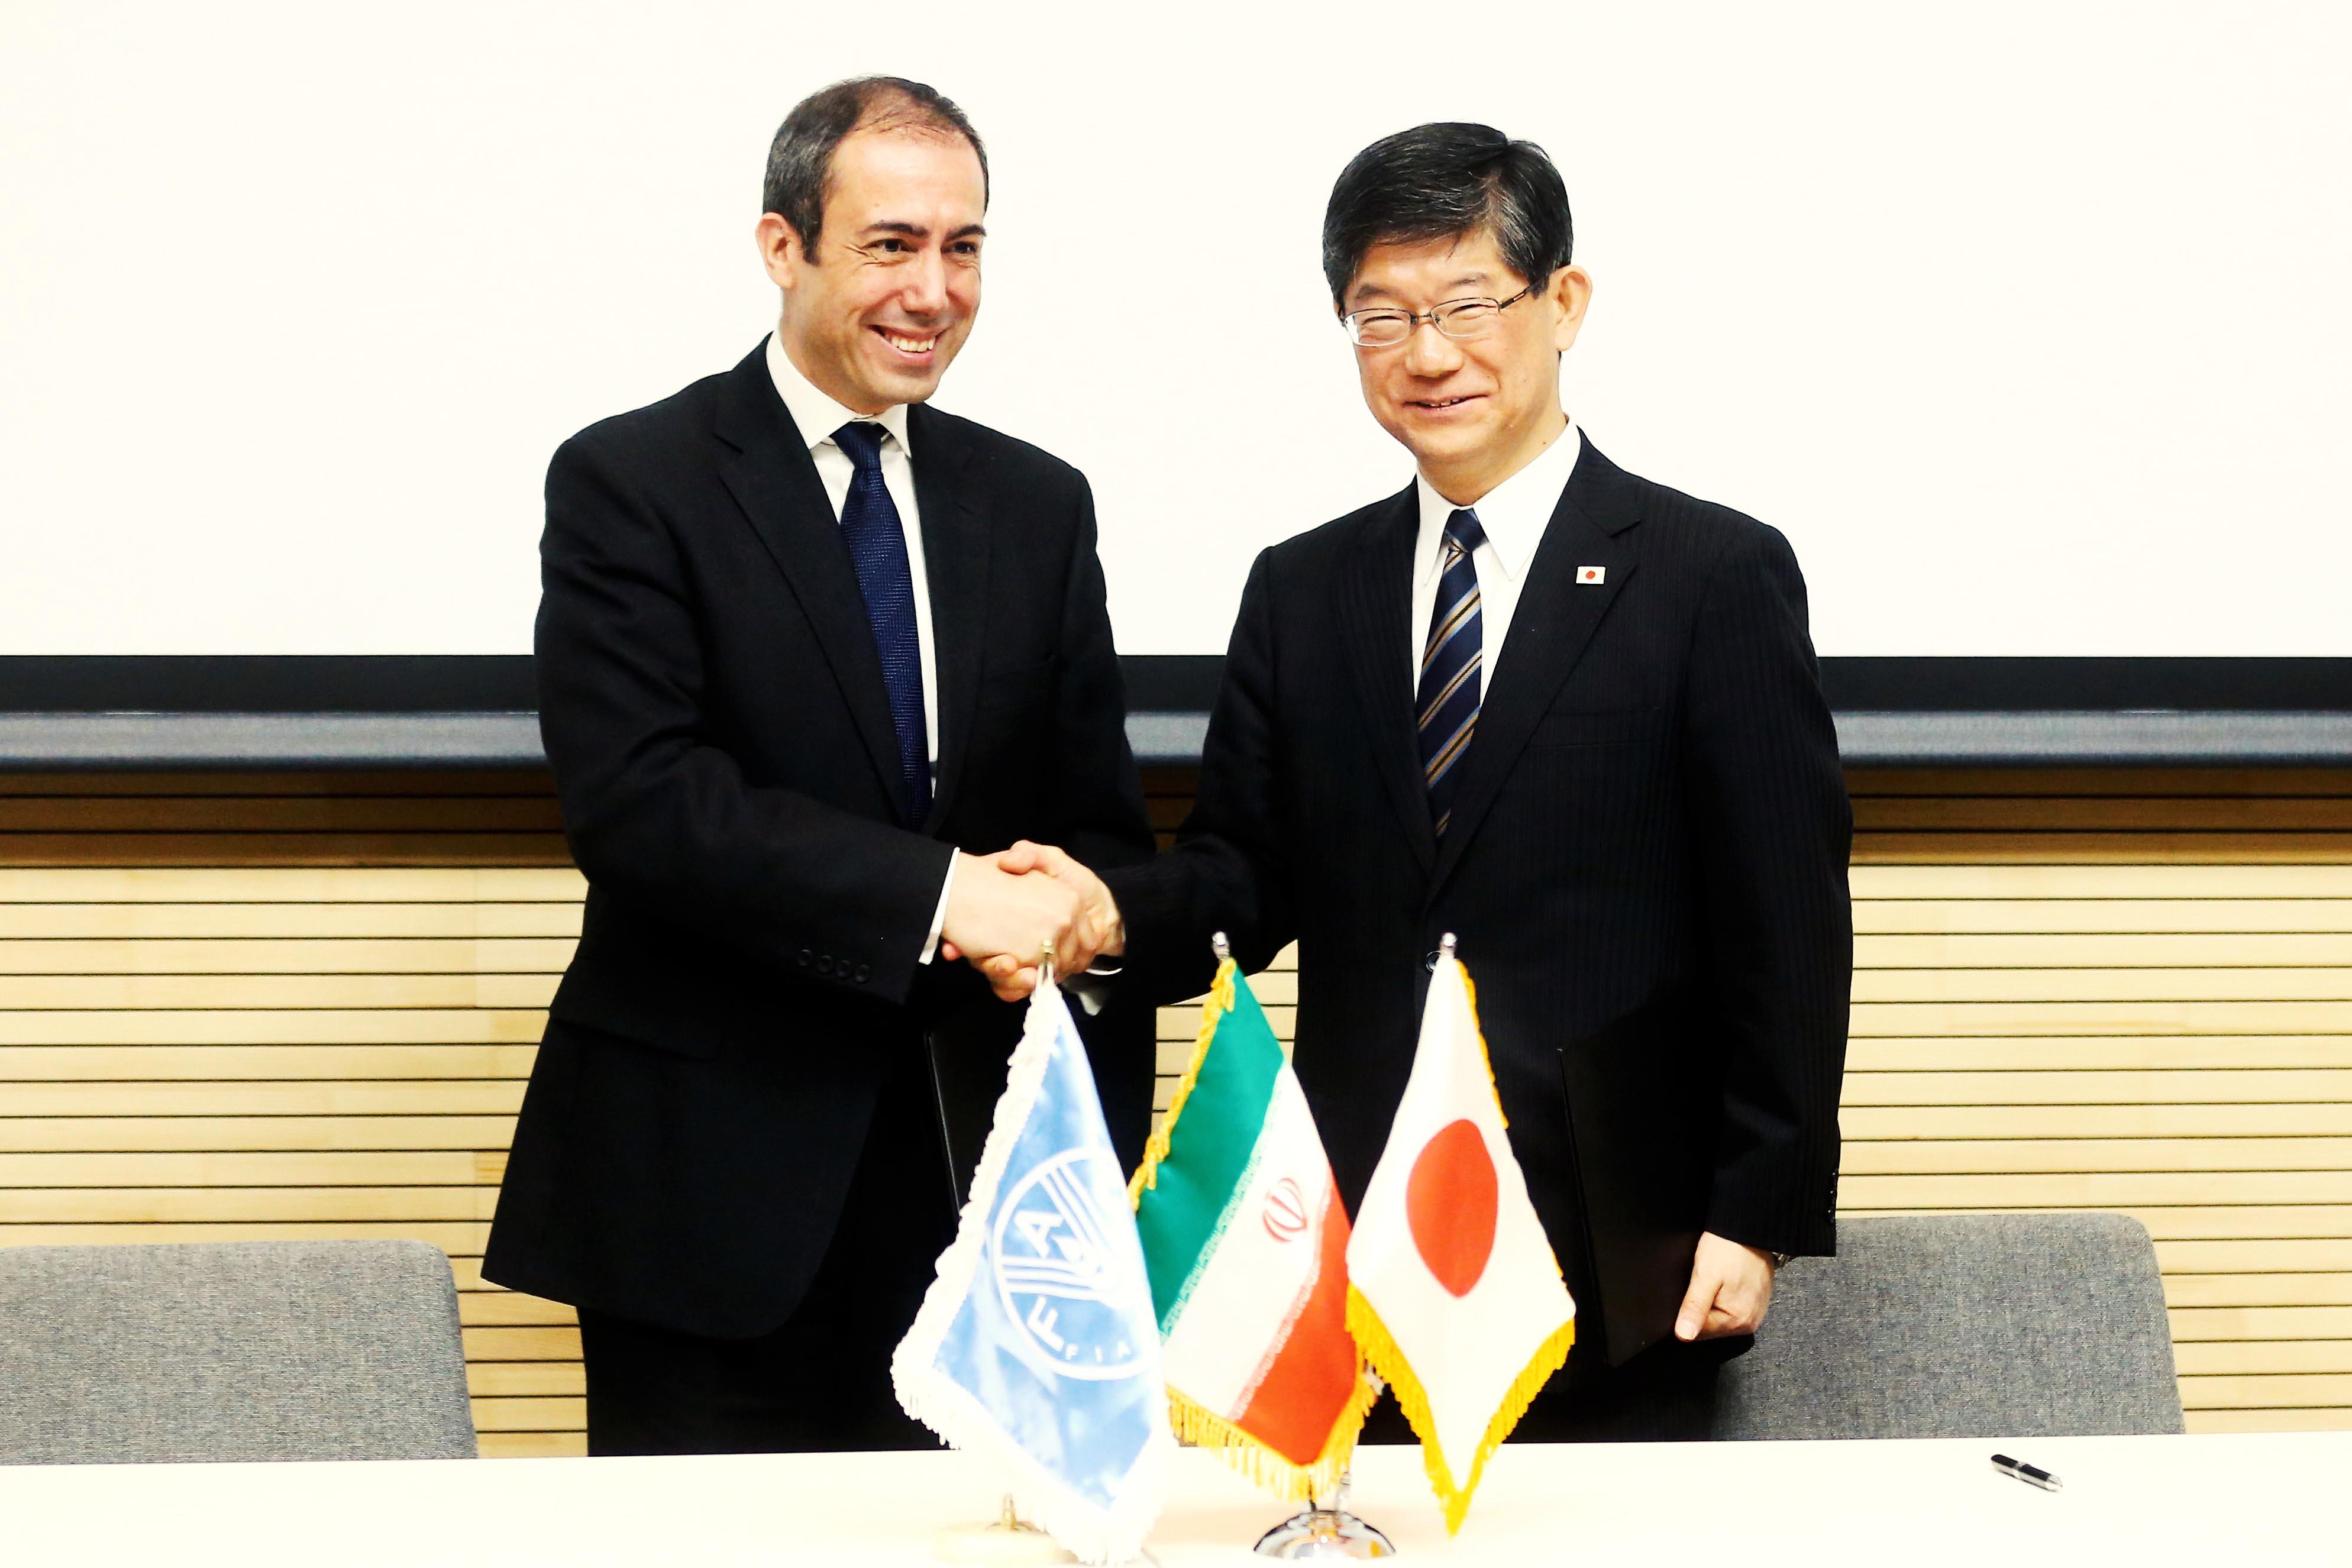 سفیر ژاپن در ایران 'مدت کوتاهی بازداشت شده بود'